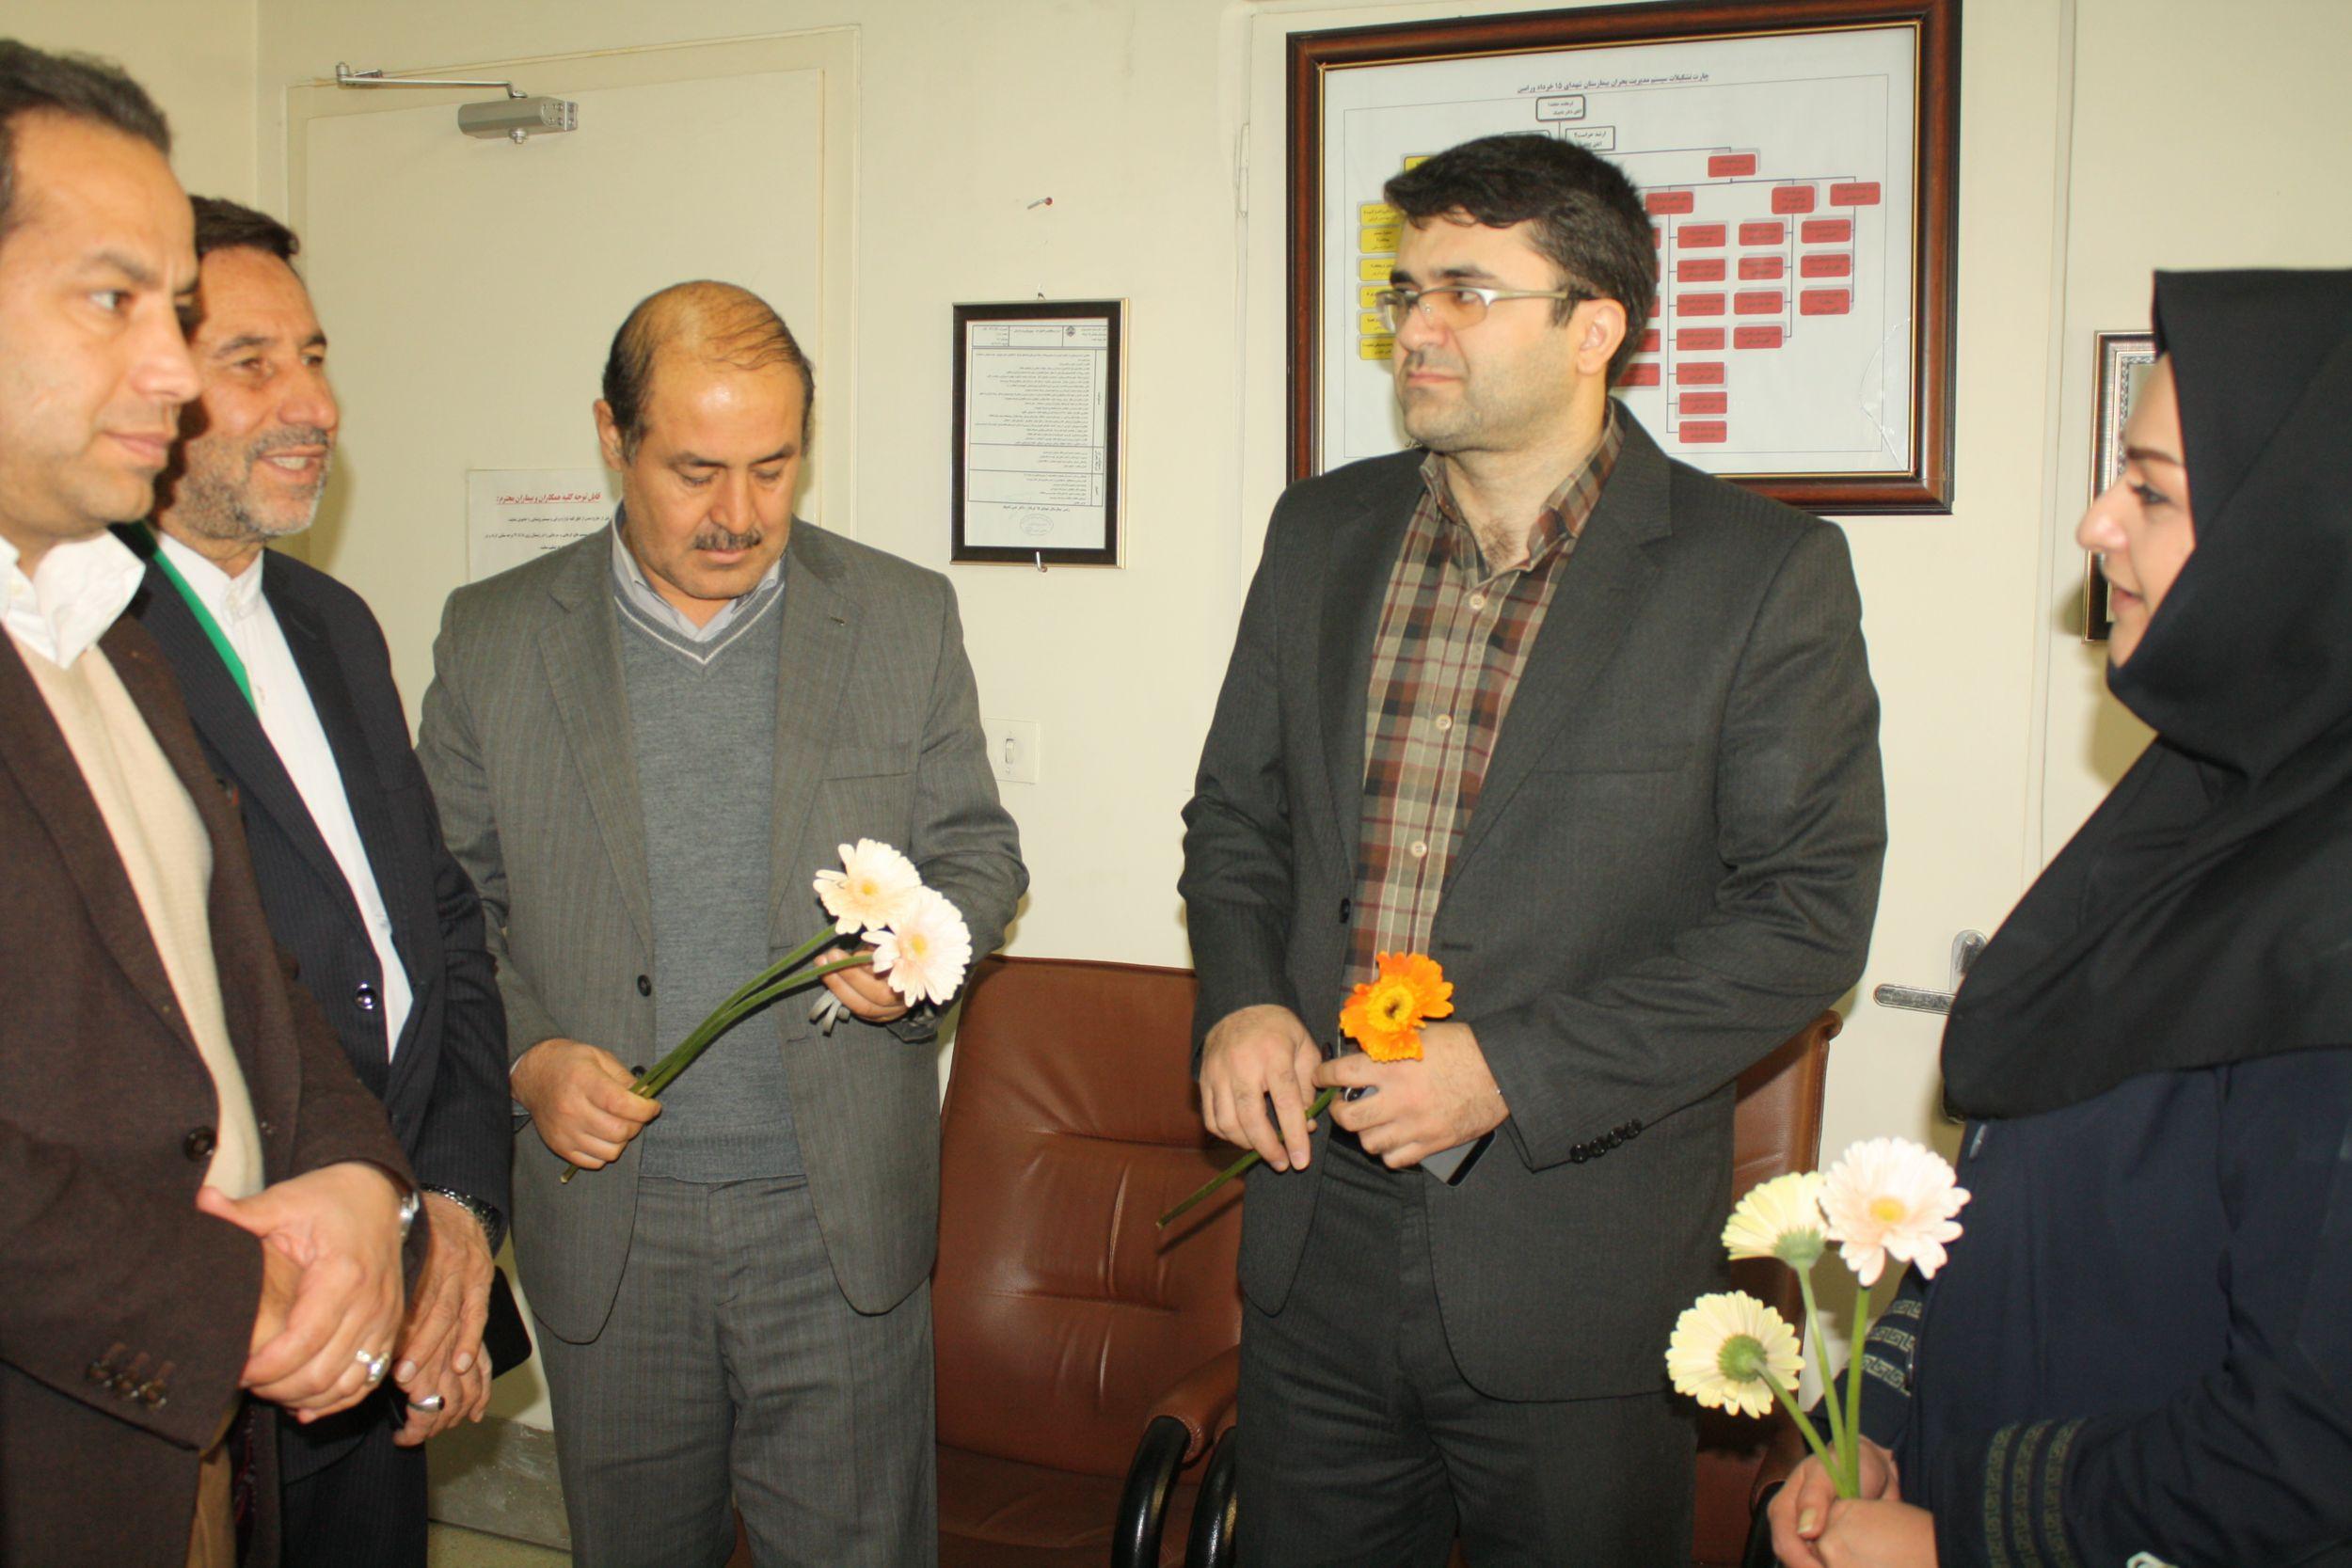 تجلیل و قدردانی از مقام پرستار توسط رییس شورای شهر ورامین و نایب رییس شورای شهرقرچک